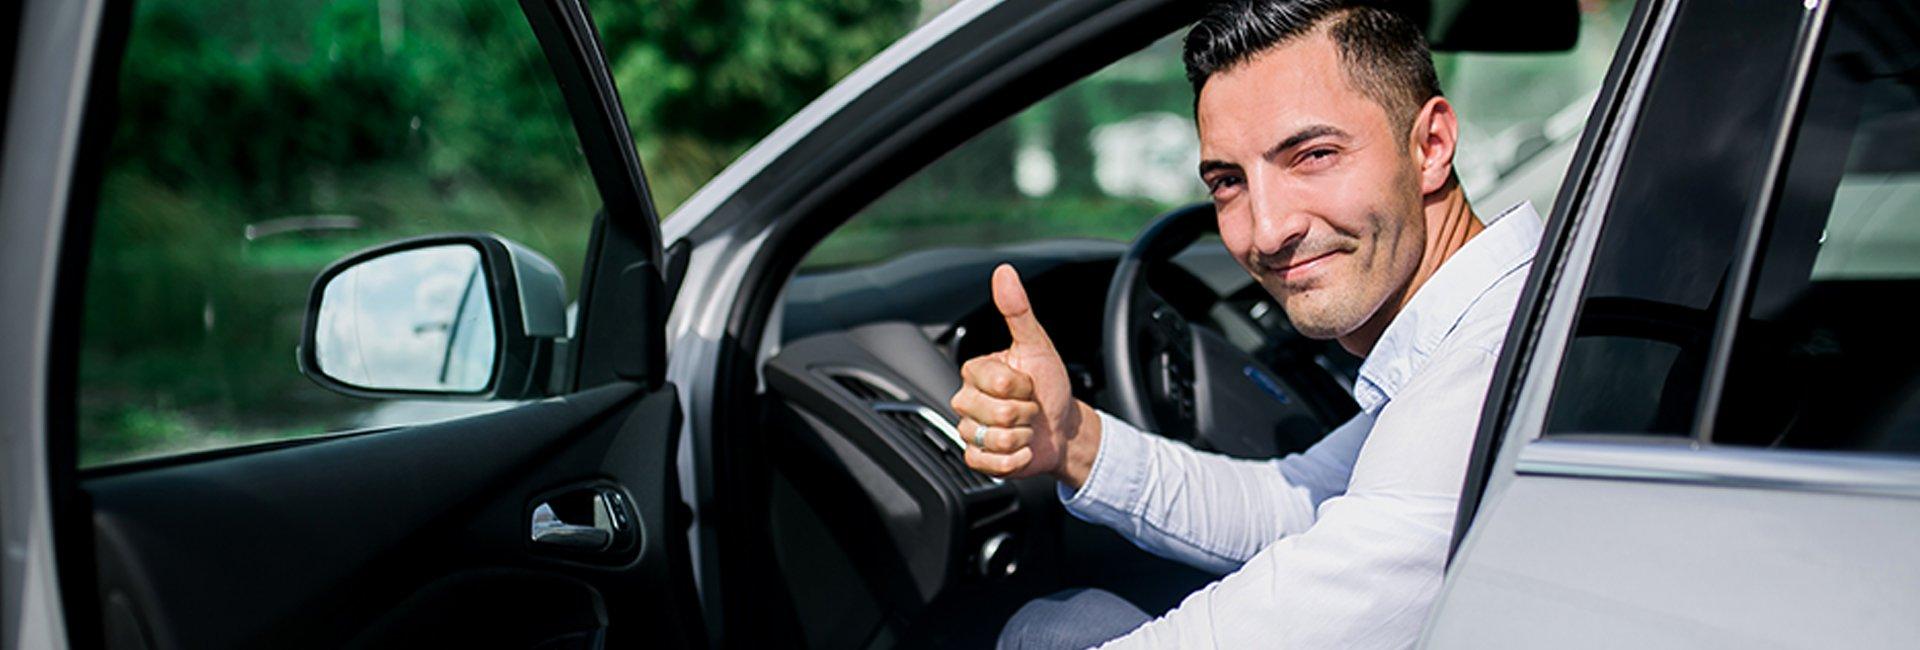 Otomobil Alırken Nelere Dikkat Etmemiz Gerekiyor?